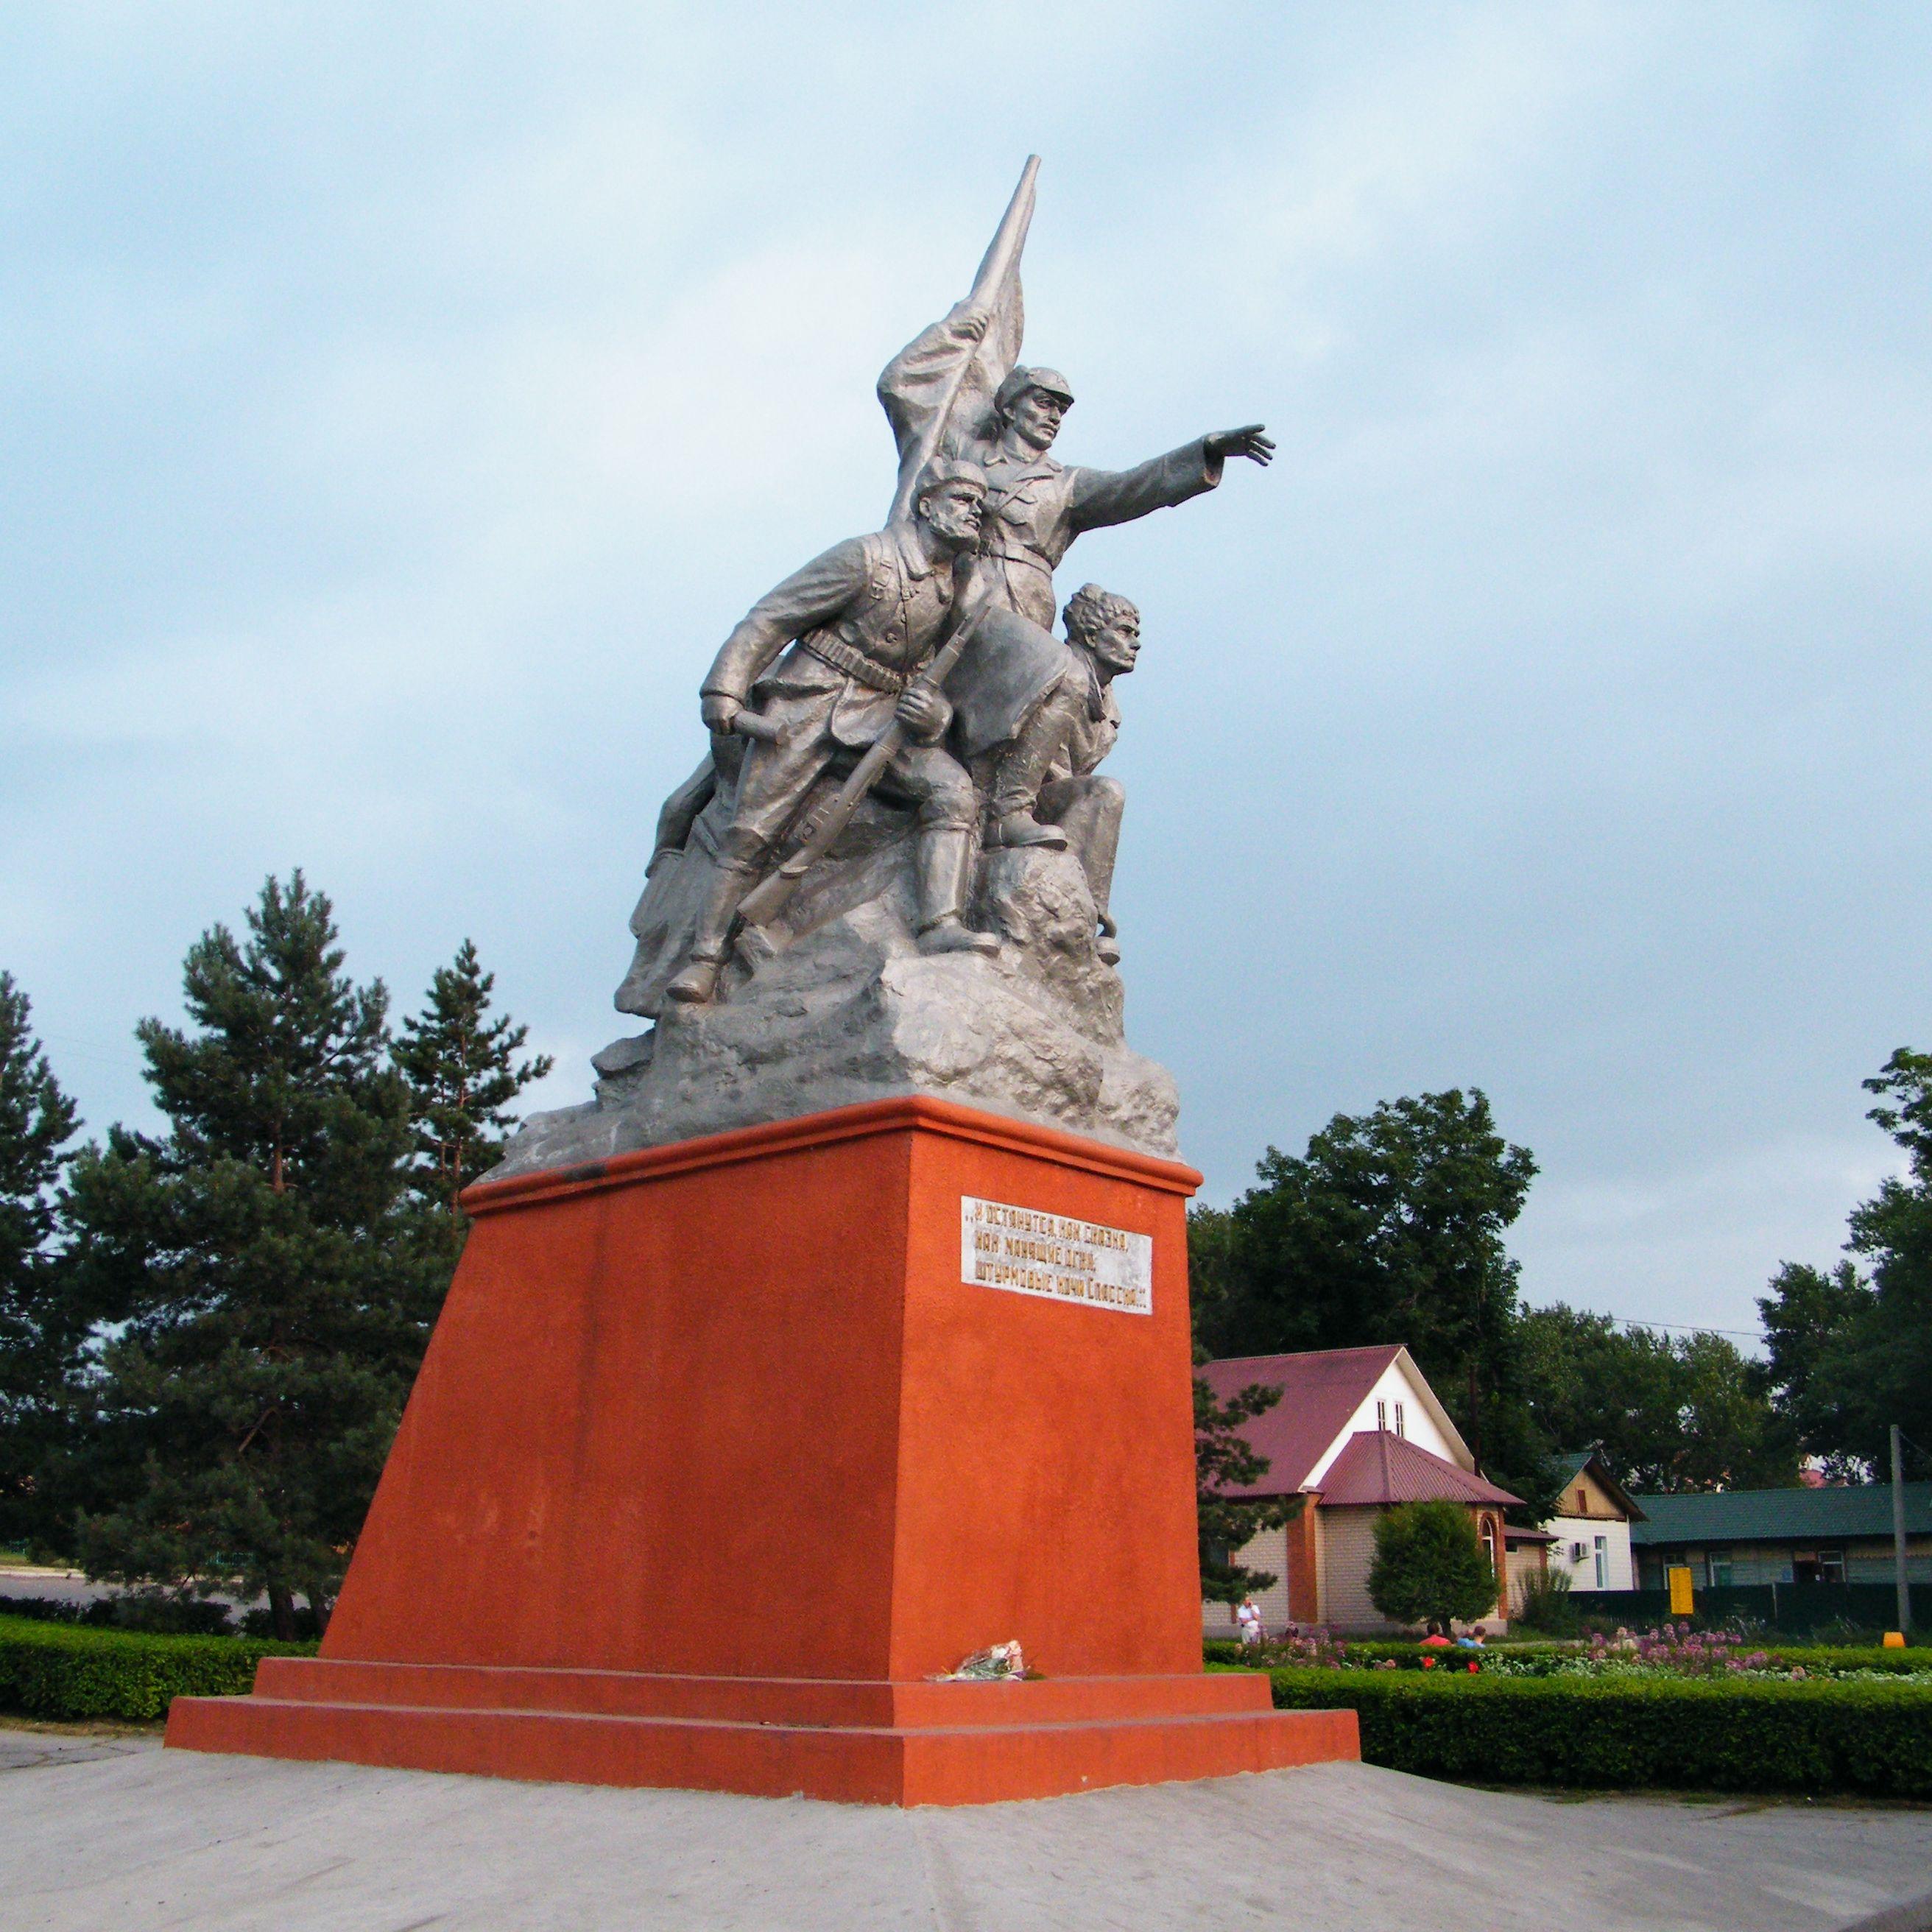 Памятник красноармейцам в г. Спасск-Дальний, надпись на постаменте: «И останутся как сказка, Как манящие огни, Штурмовые ночи Спасска…»